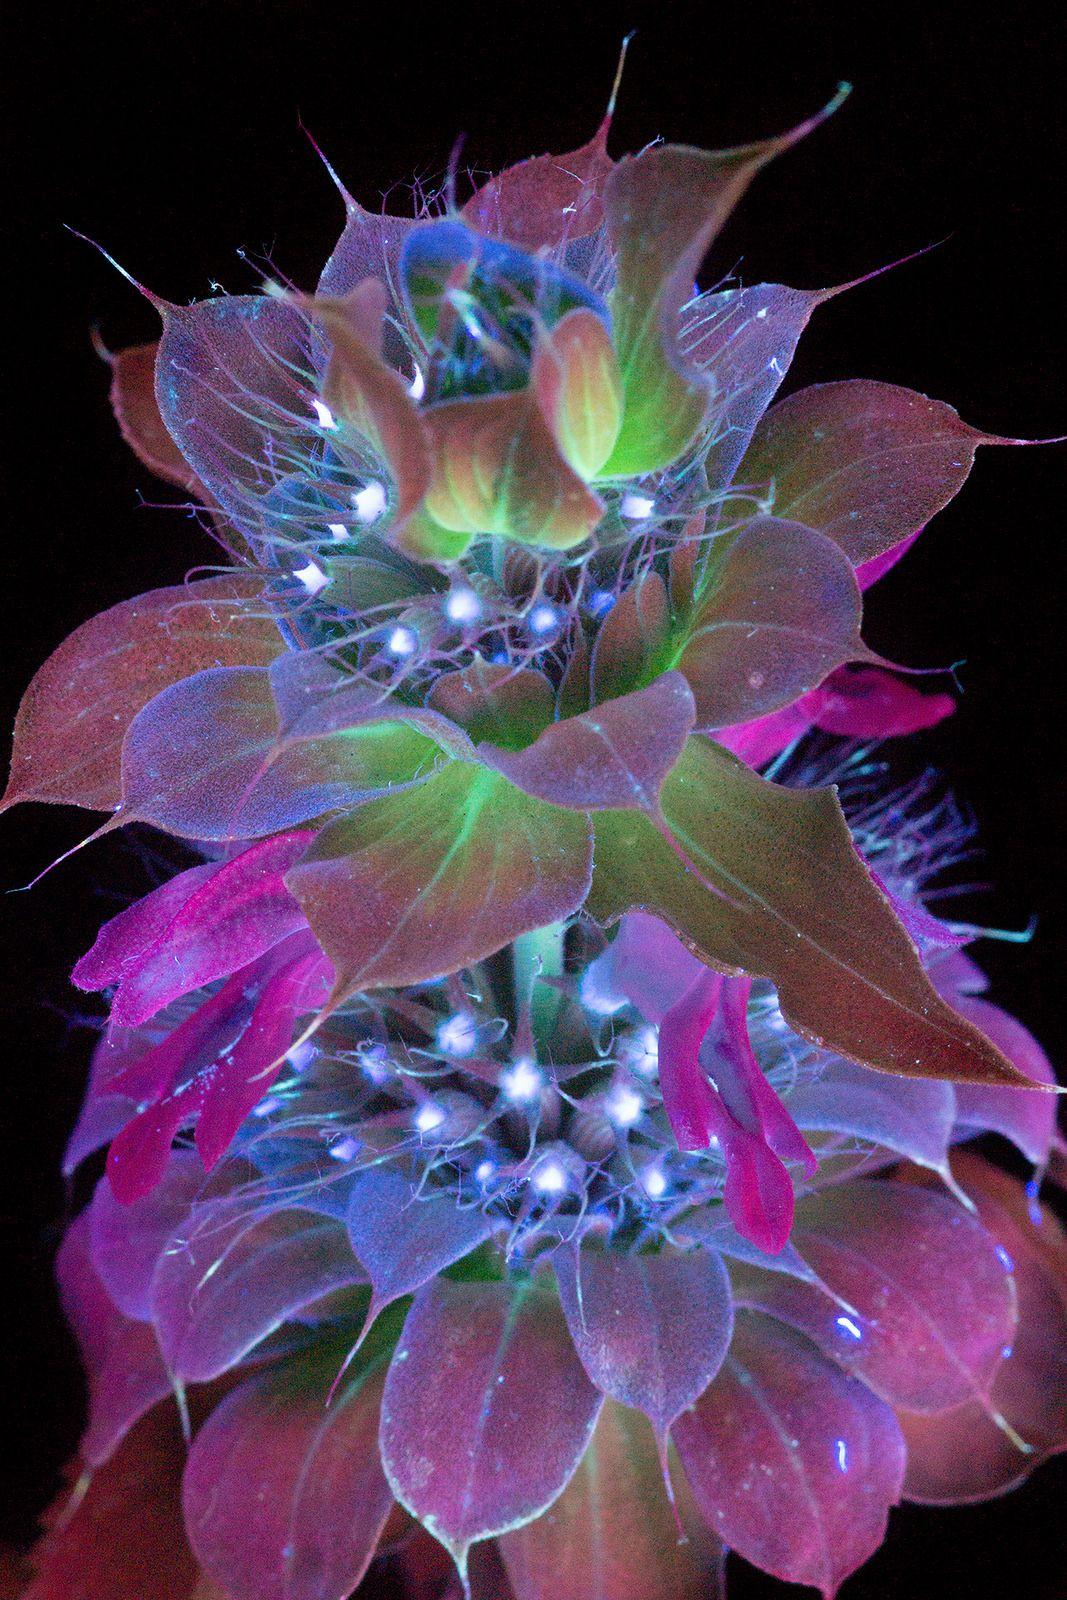 сорта самый волшебный цветок картинки нарва была